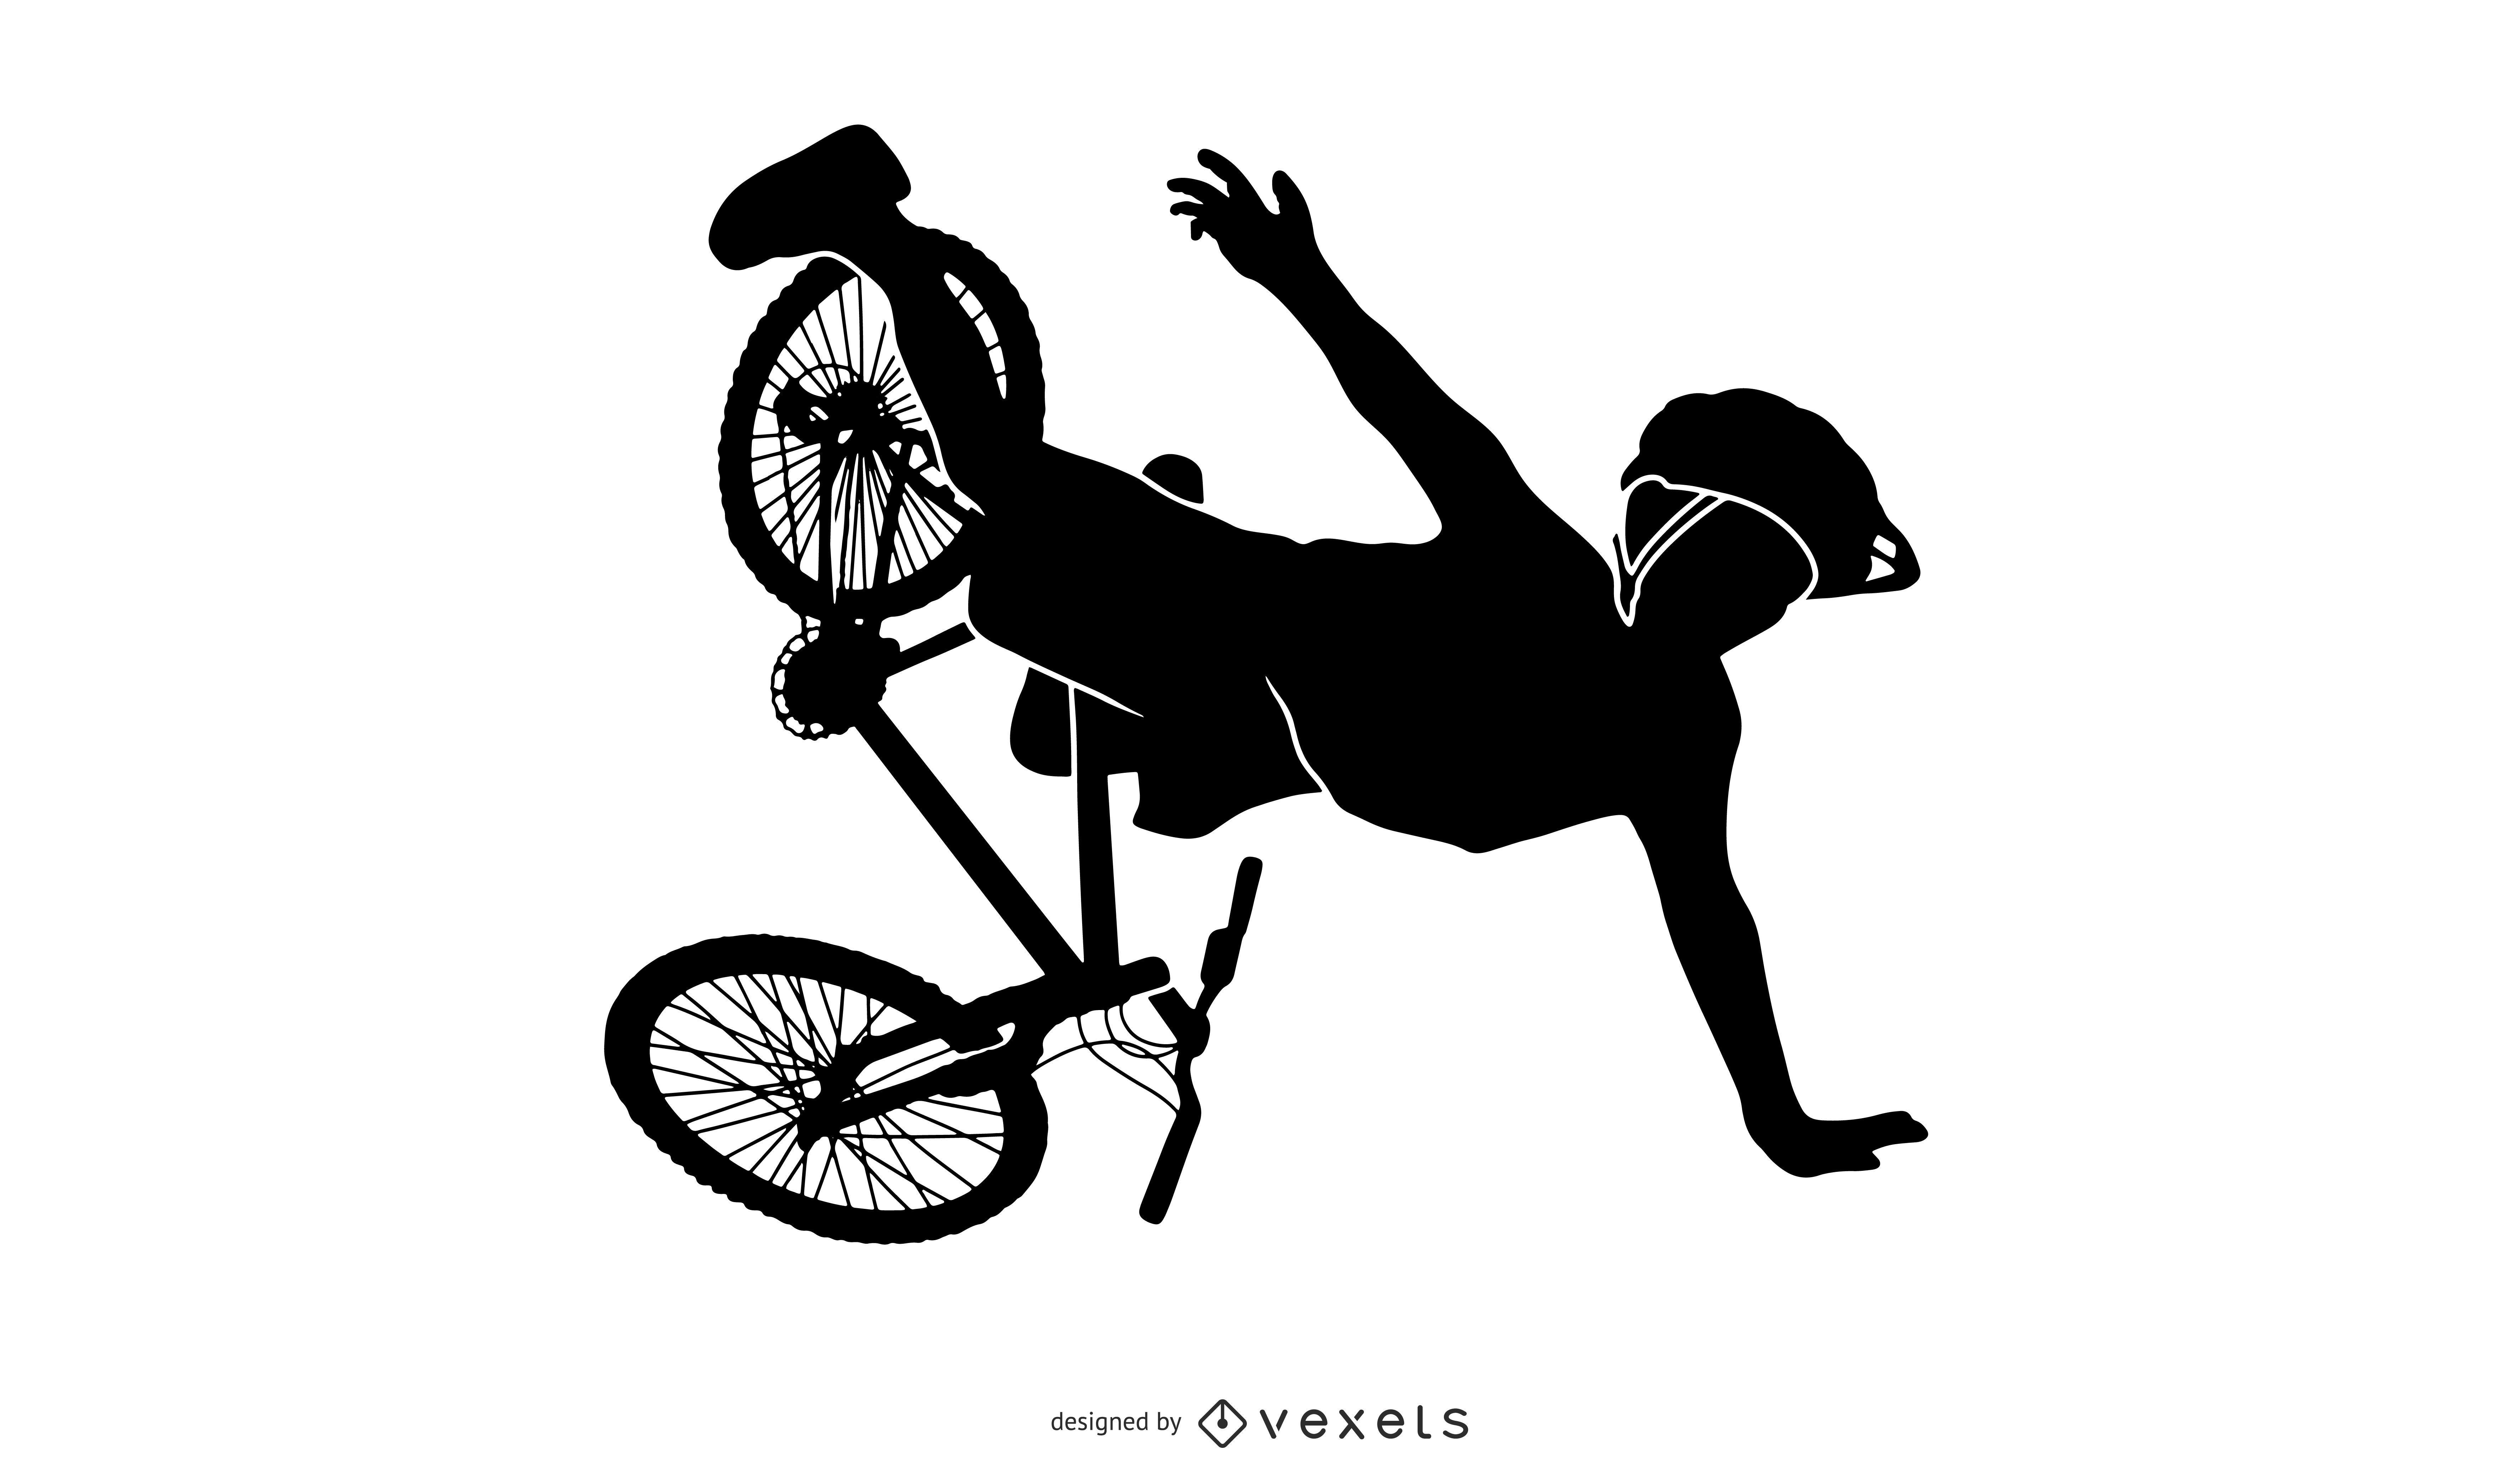 Diseño de silueta de caída de motorista